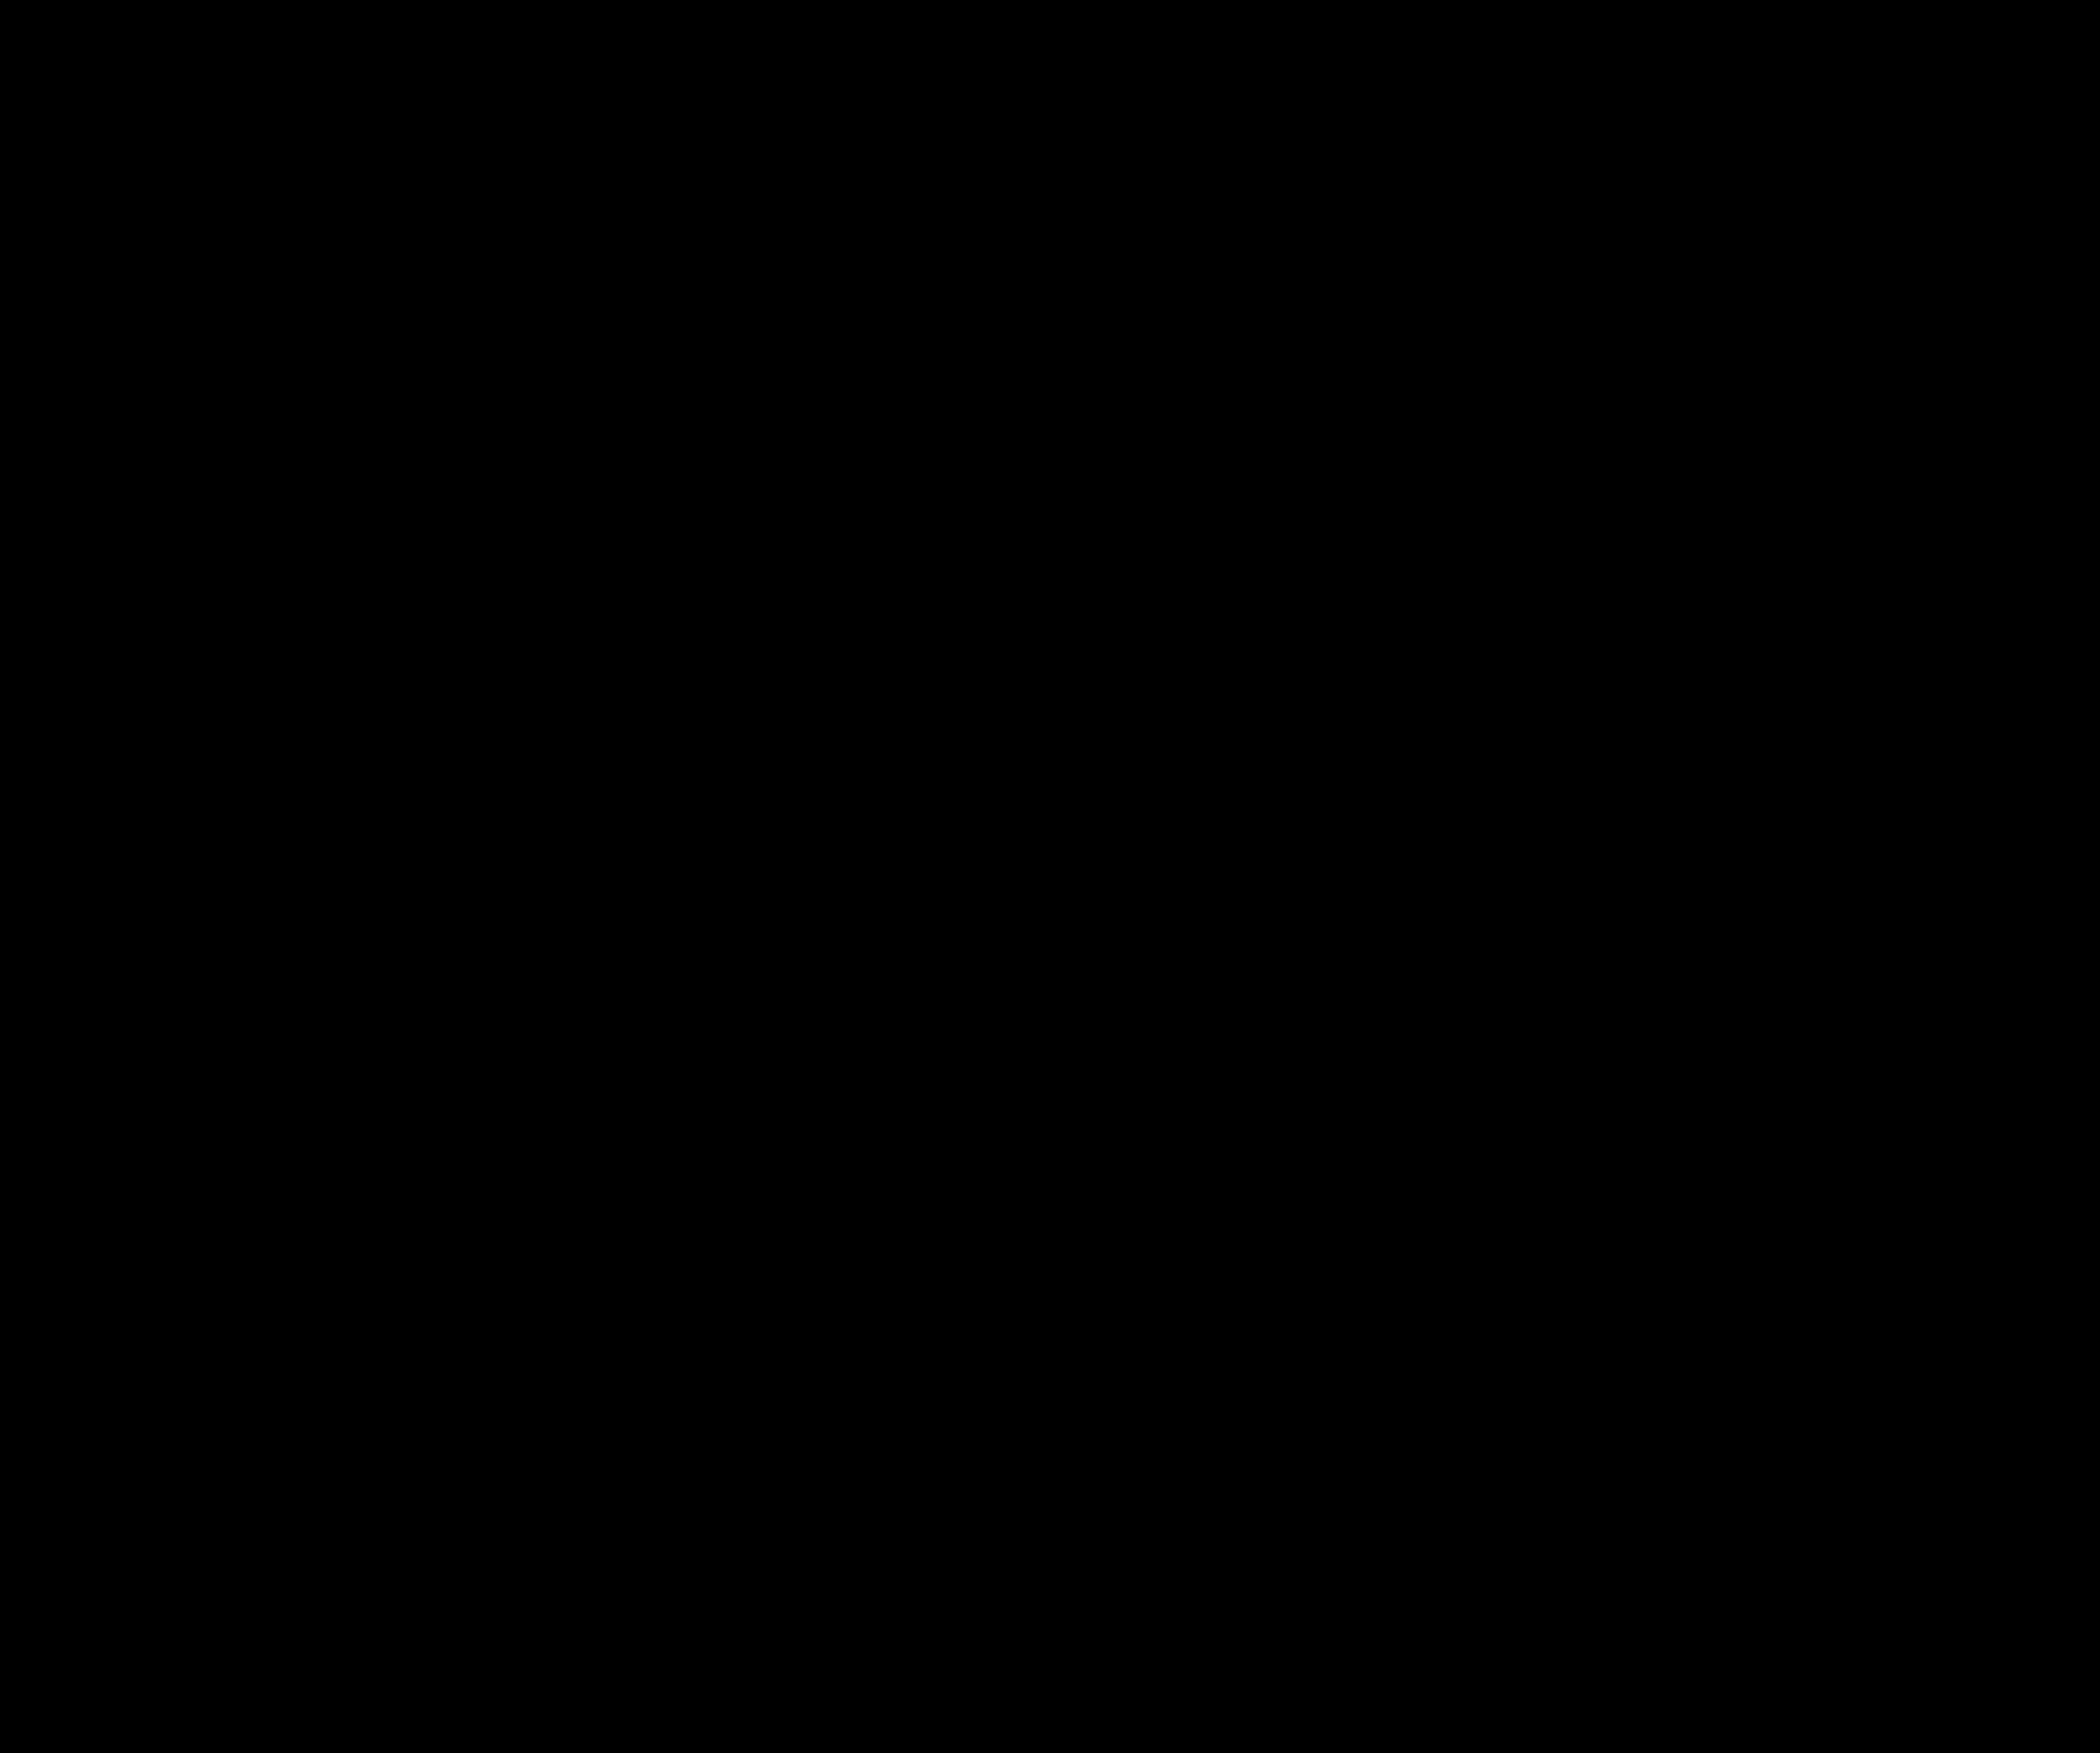 In collaborazione con il portale Indiegogo, è online a partire da oggi la campagna di Crowdfunding promossa da DriWe. Abbiamo inventato e progettato DriWe:The Game, un gioco da tavolo per rendere…